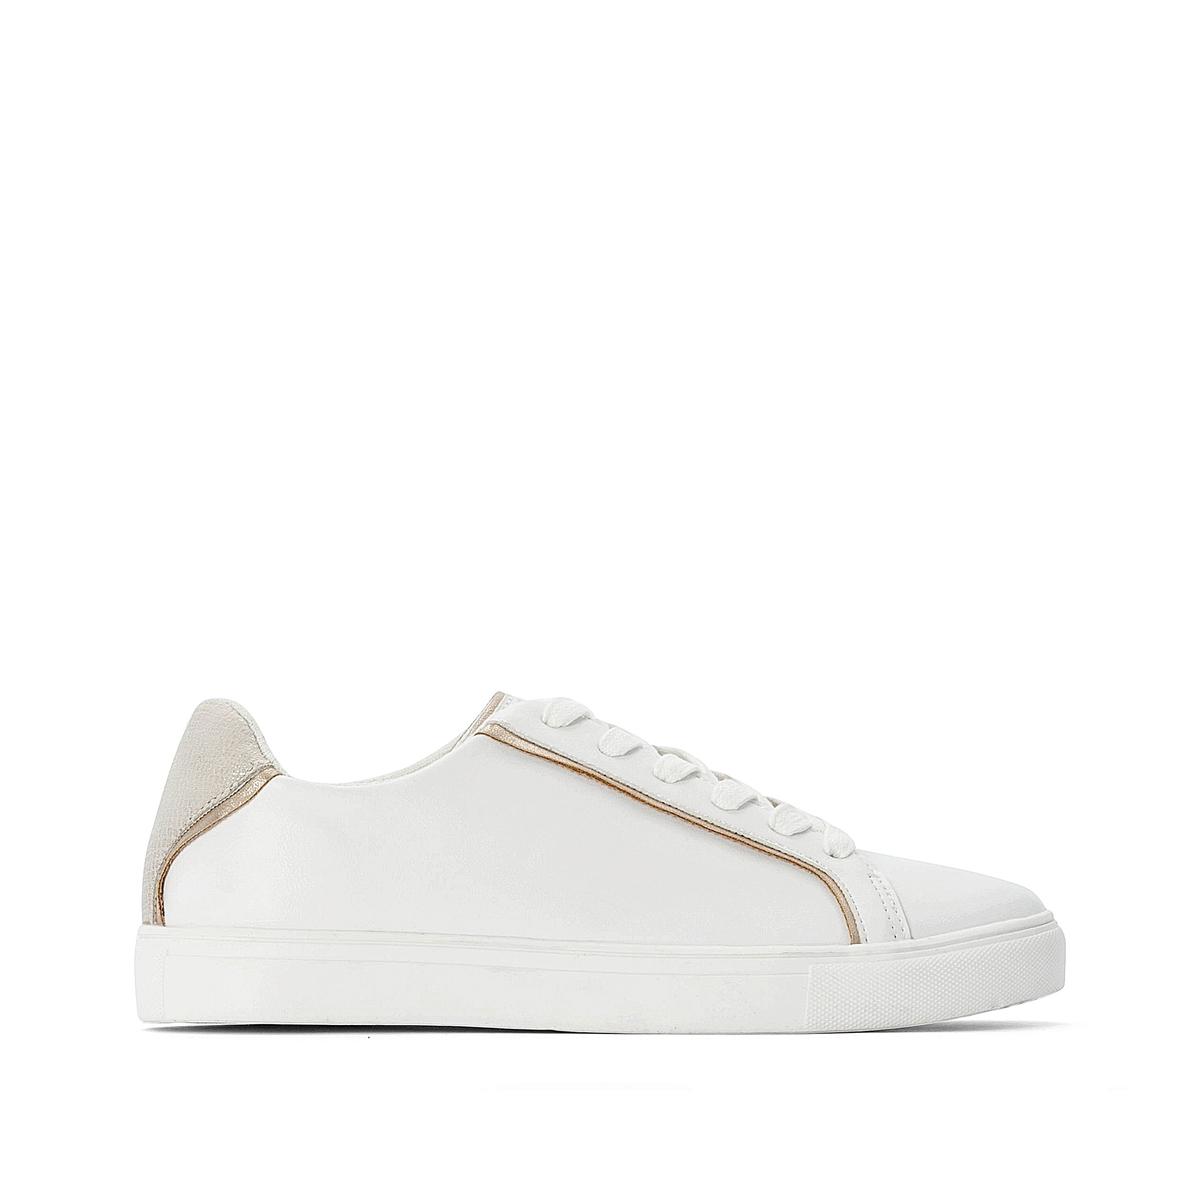 Кроссовки La Redoute — На шнуровке с золотыми вставками 42 белый